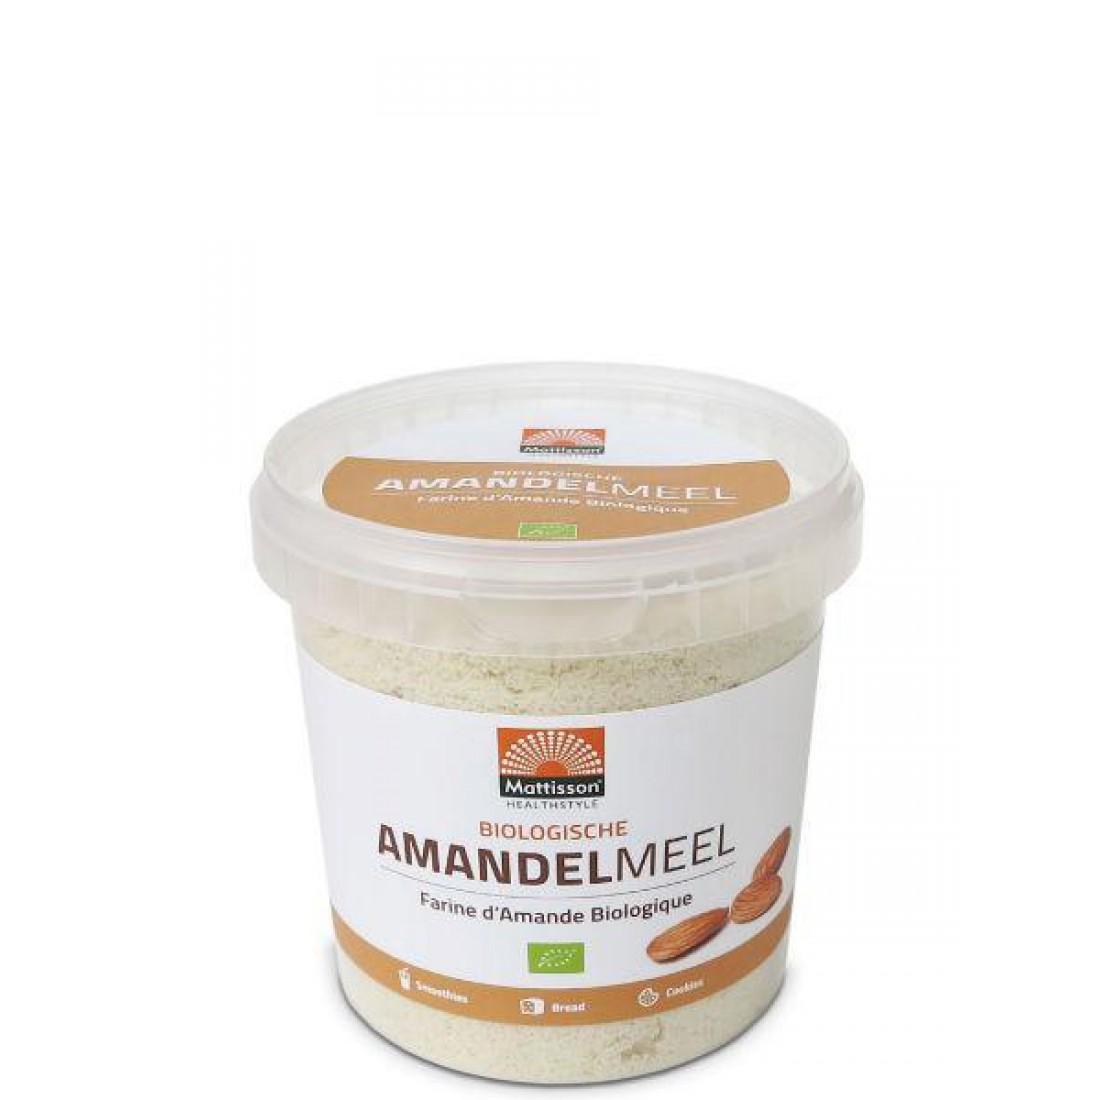 Amandelmeel glutenvrij & biologisch